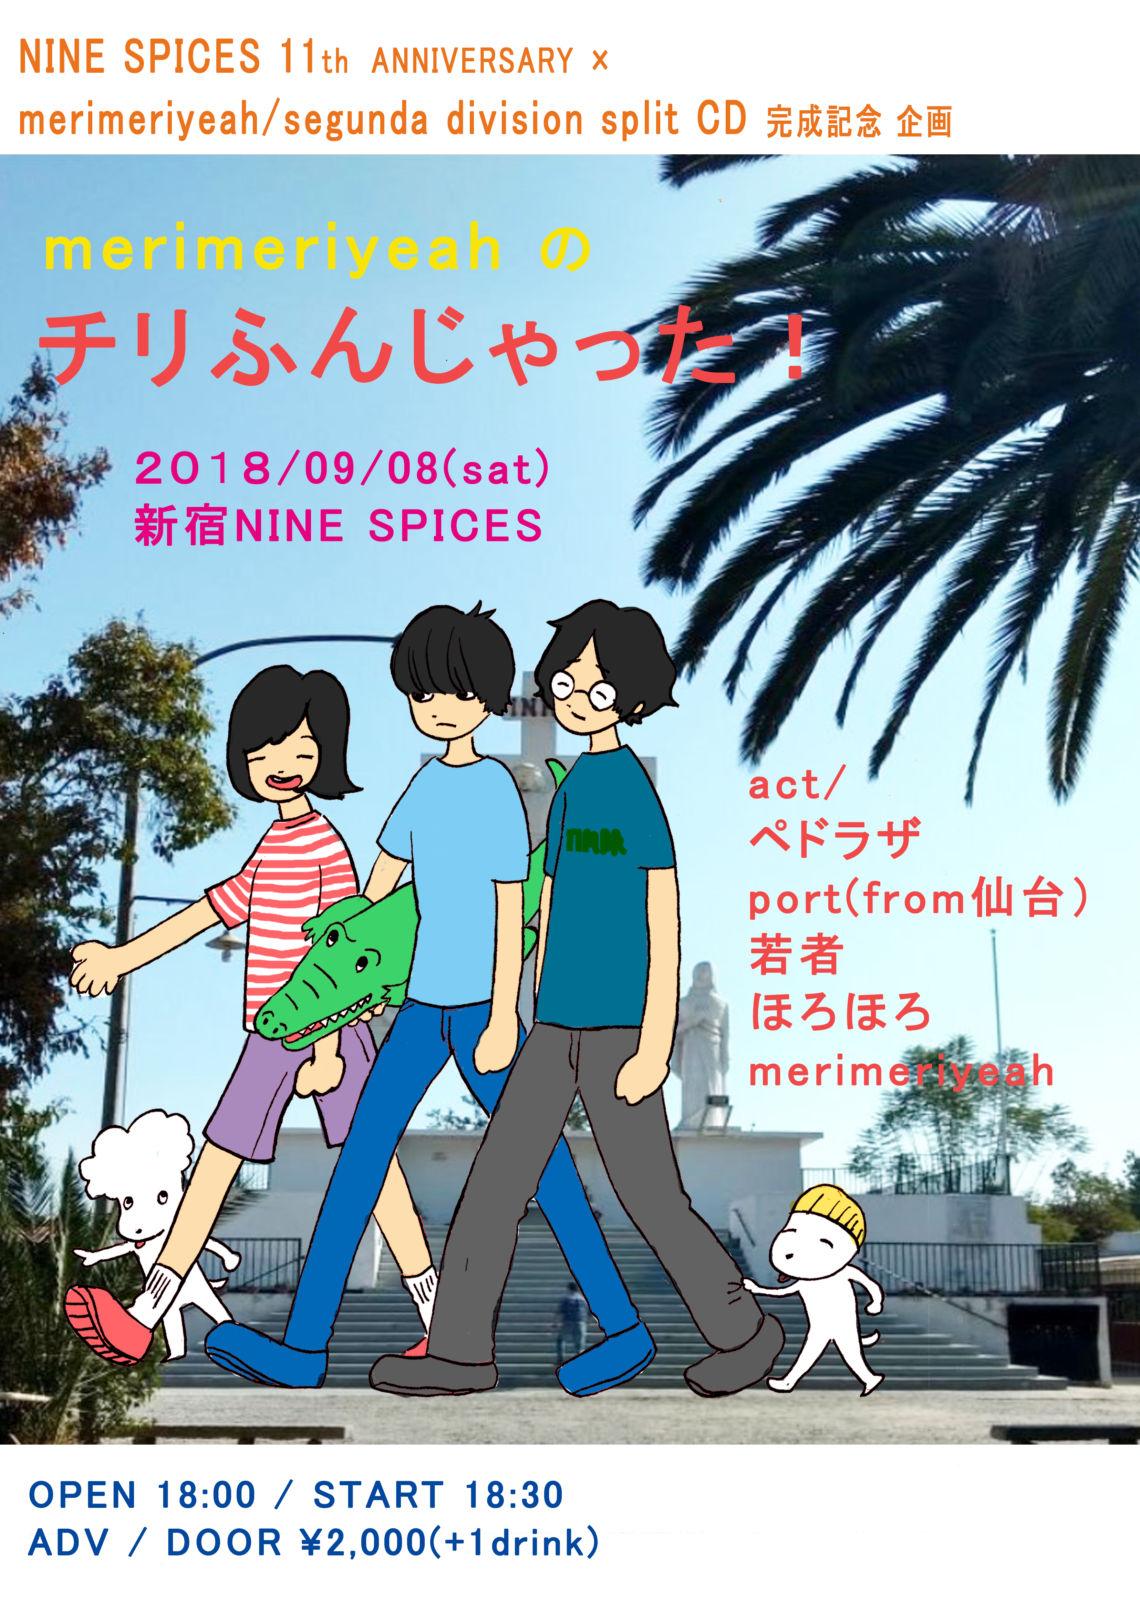 NINE SPICES 11th ANNIVERSARY × merimeriyeah/segunda division split CD 完成記念企画 【merimeriyeahのチリふんじゃった!】